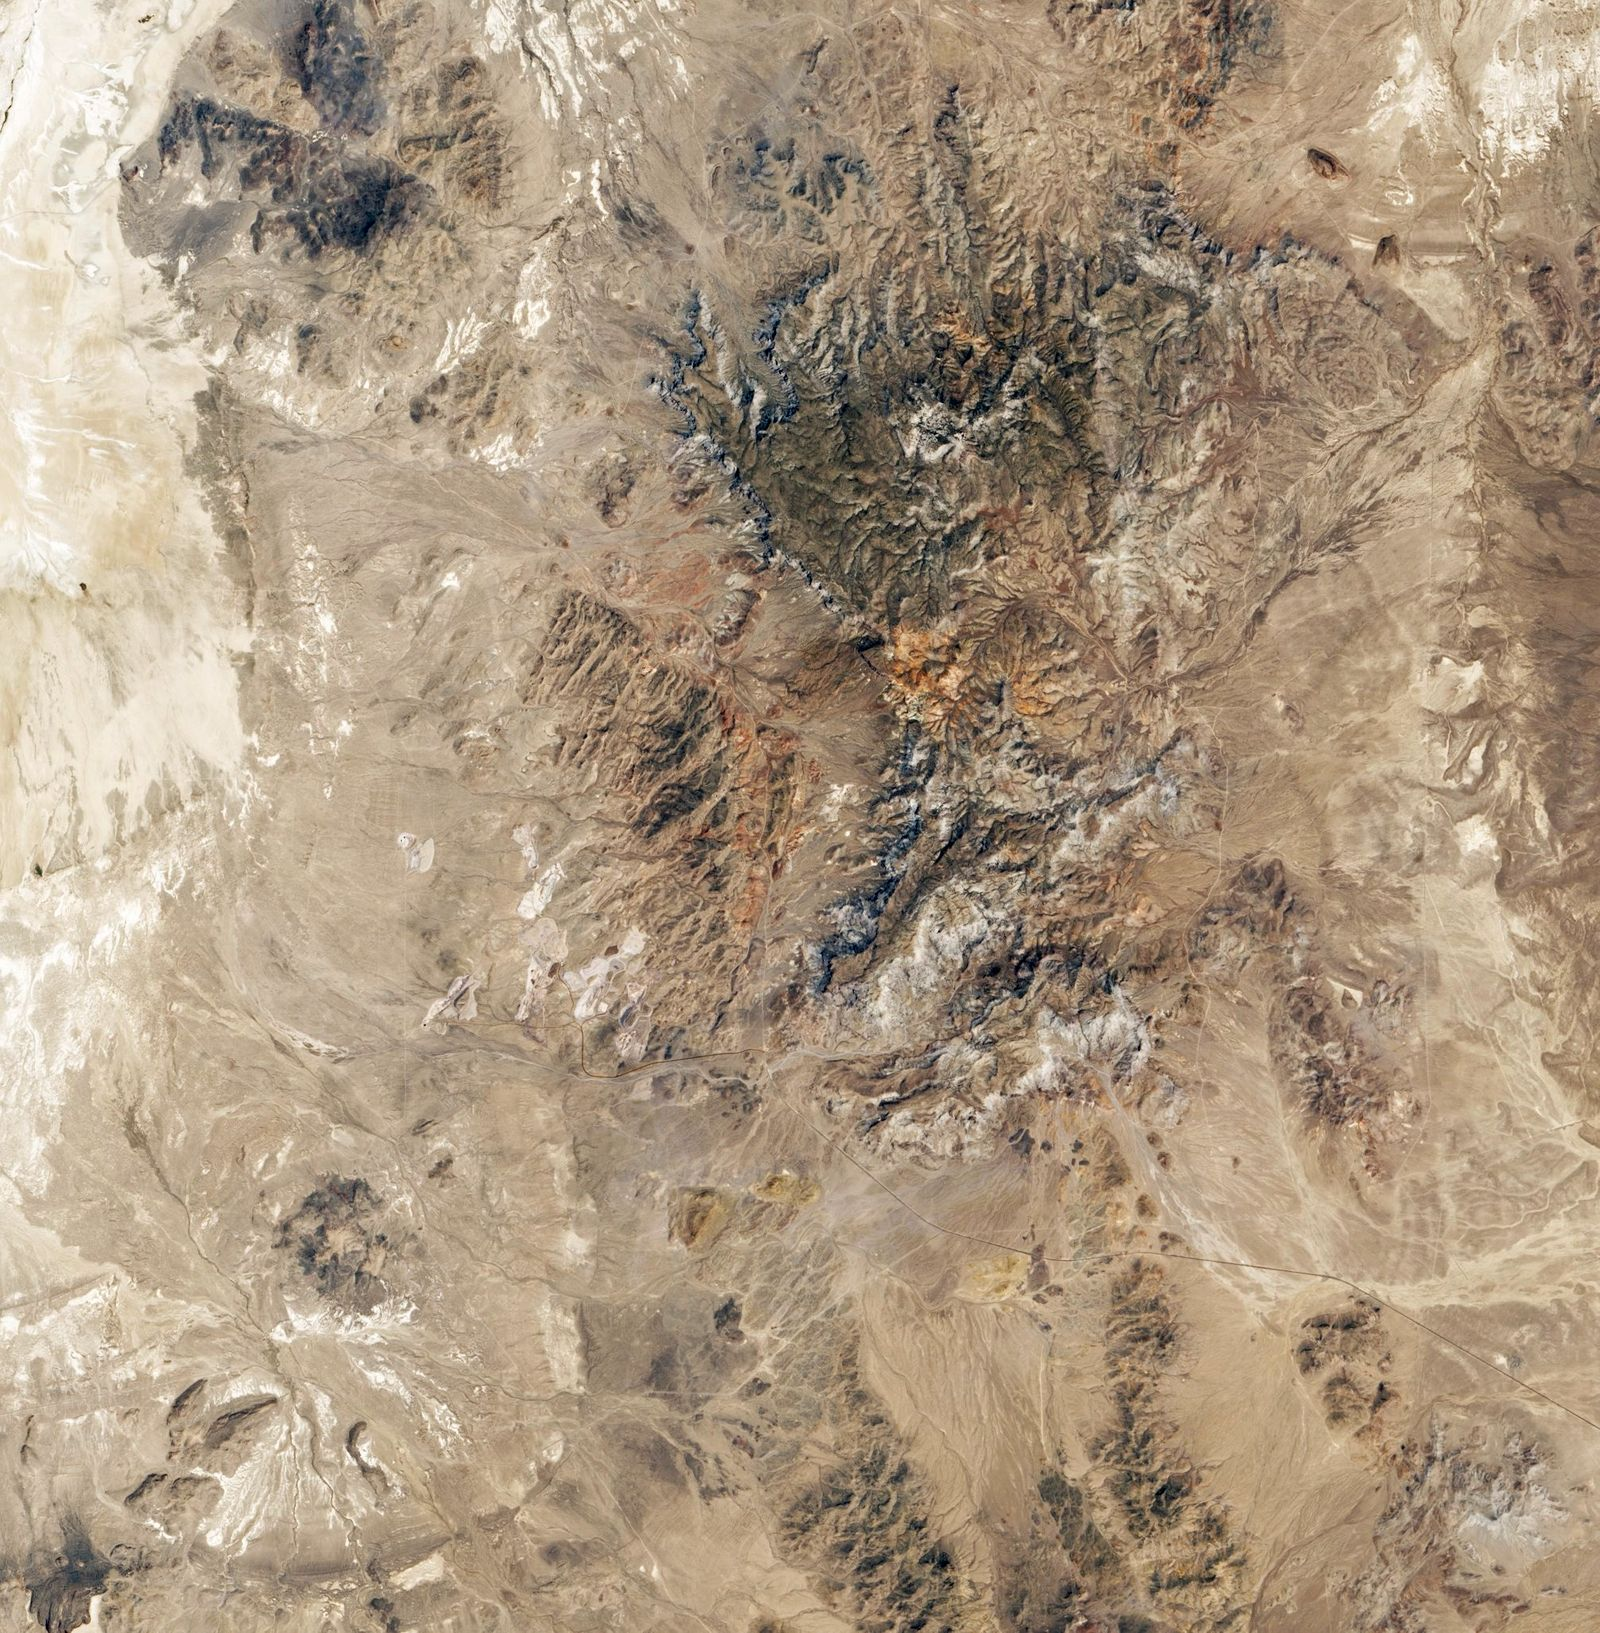 Digging Beryllium for James Webb